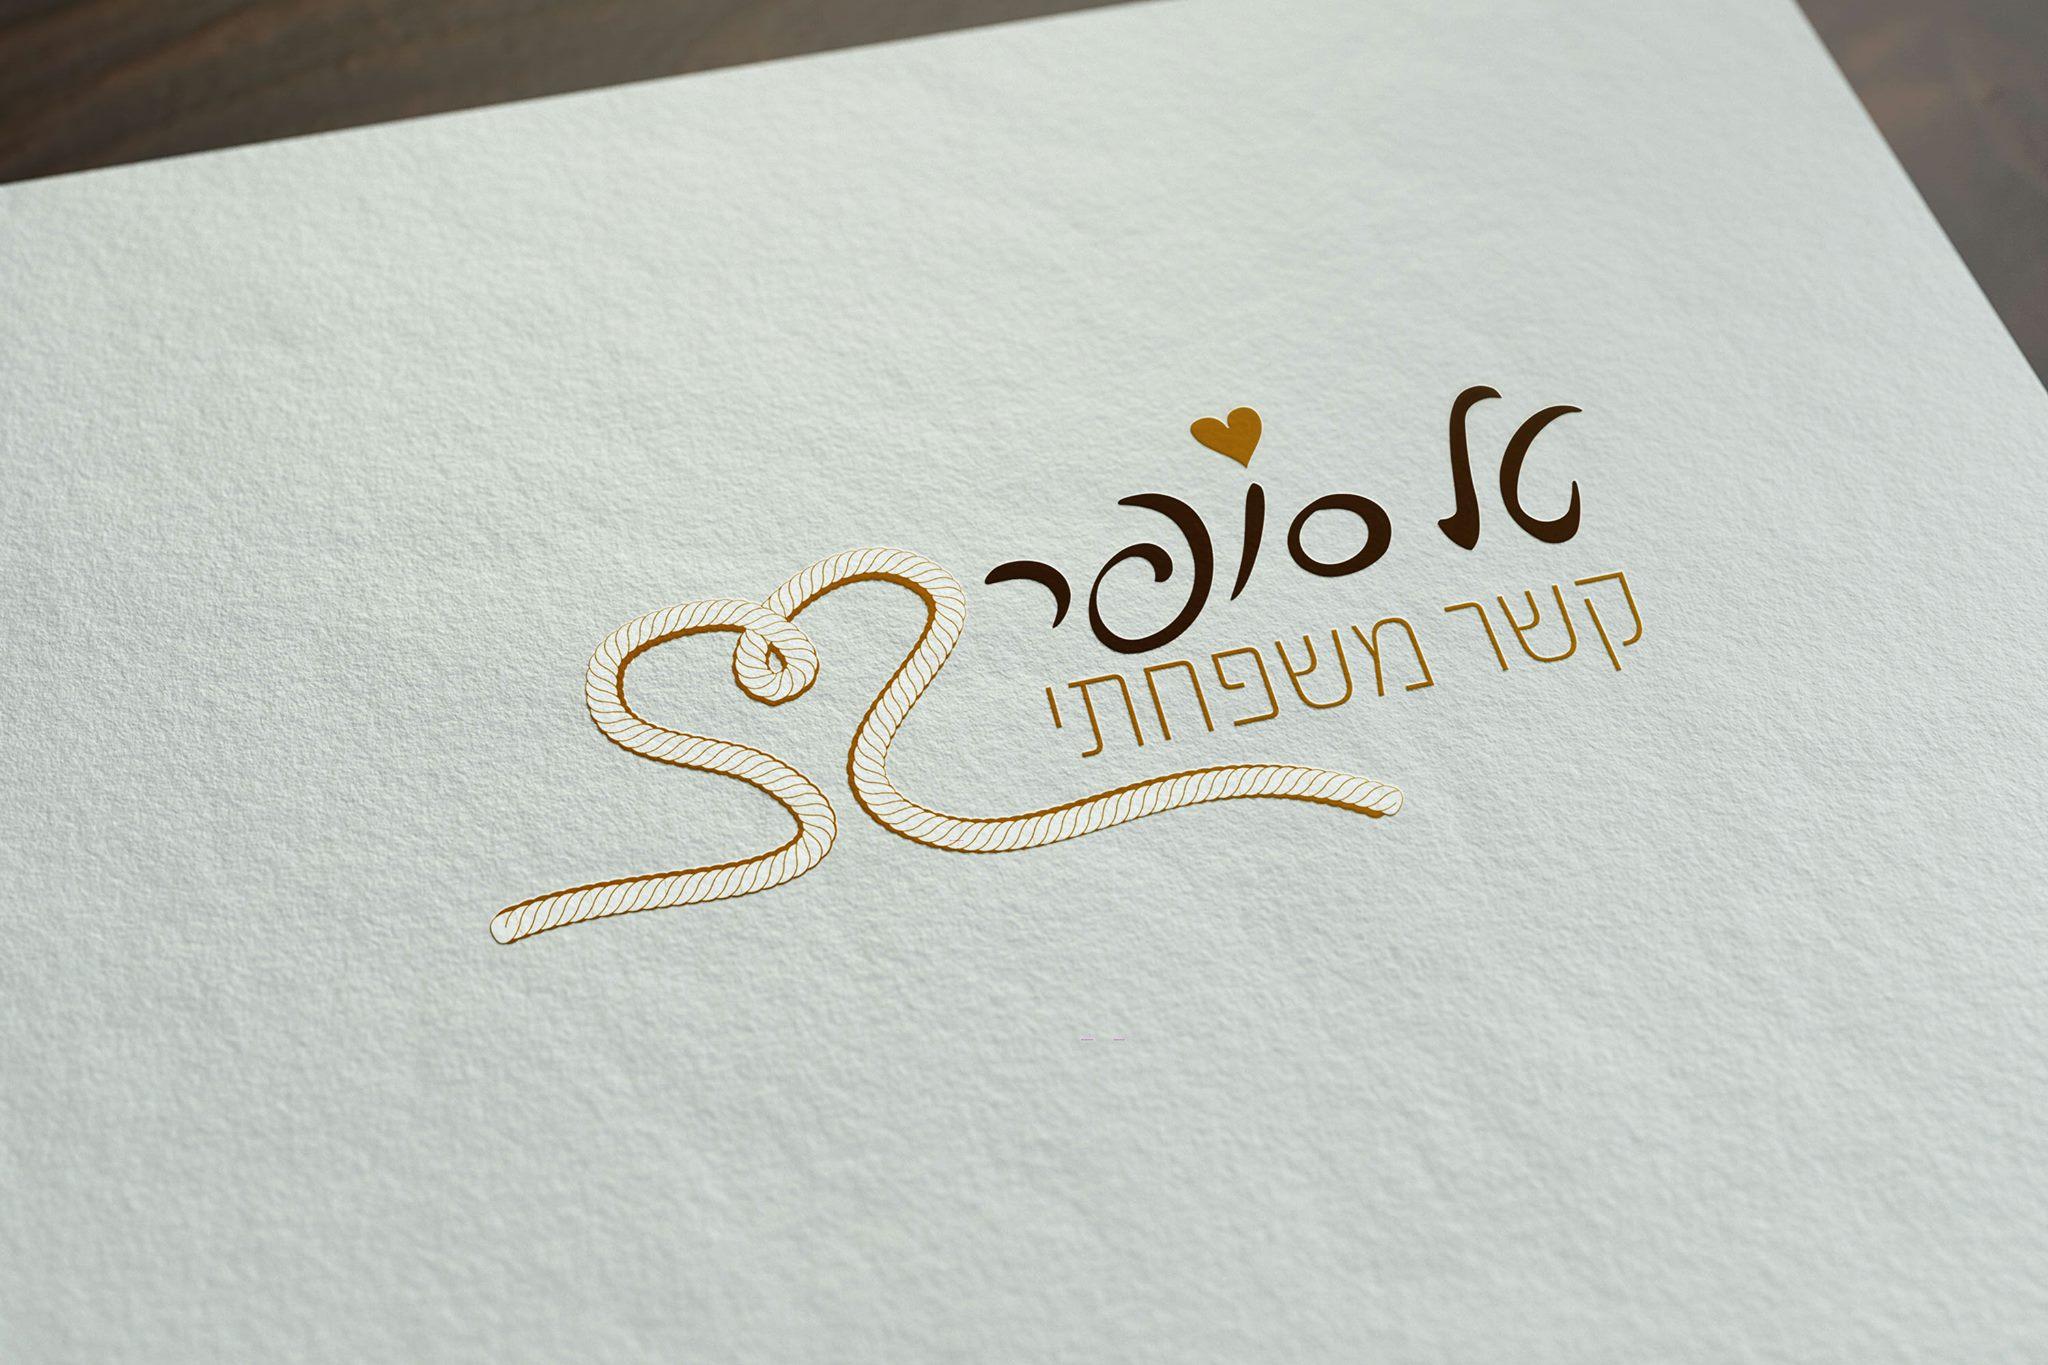 עיצוב לוגו - טל סופר